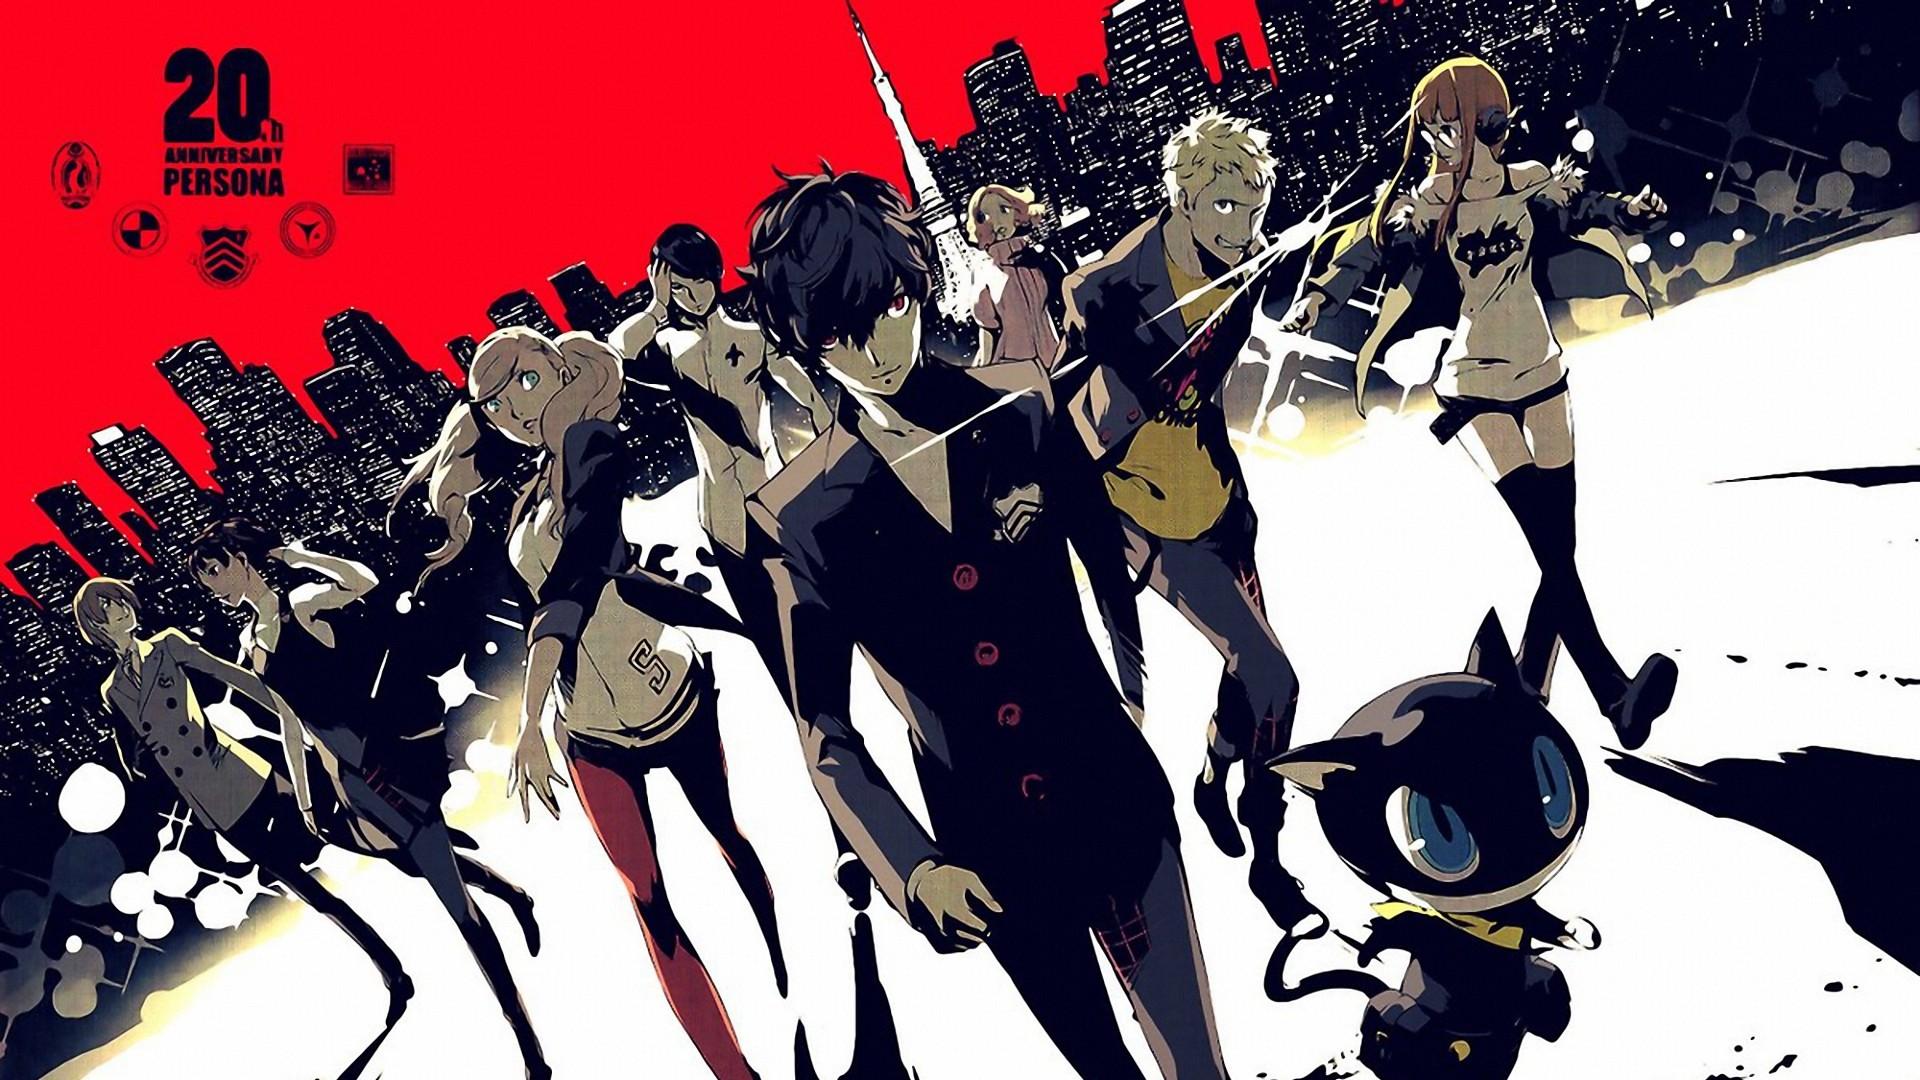 1920x1080 REVIEW: Persona 5 ~ Arkadea